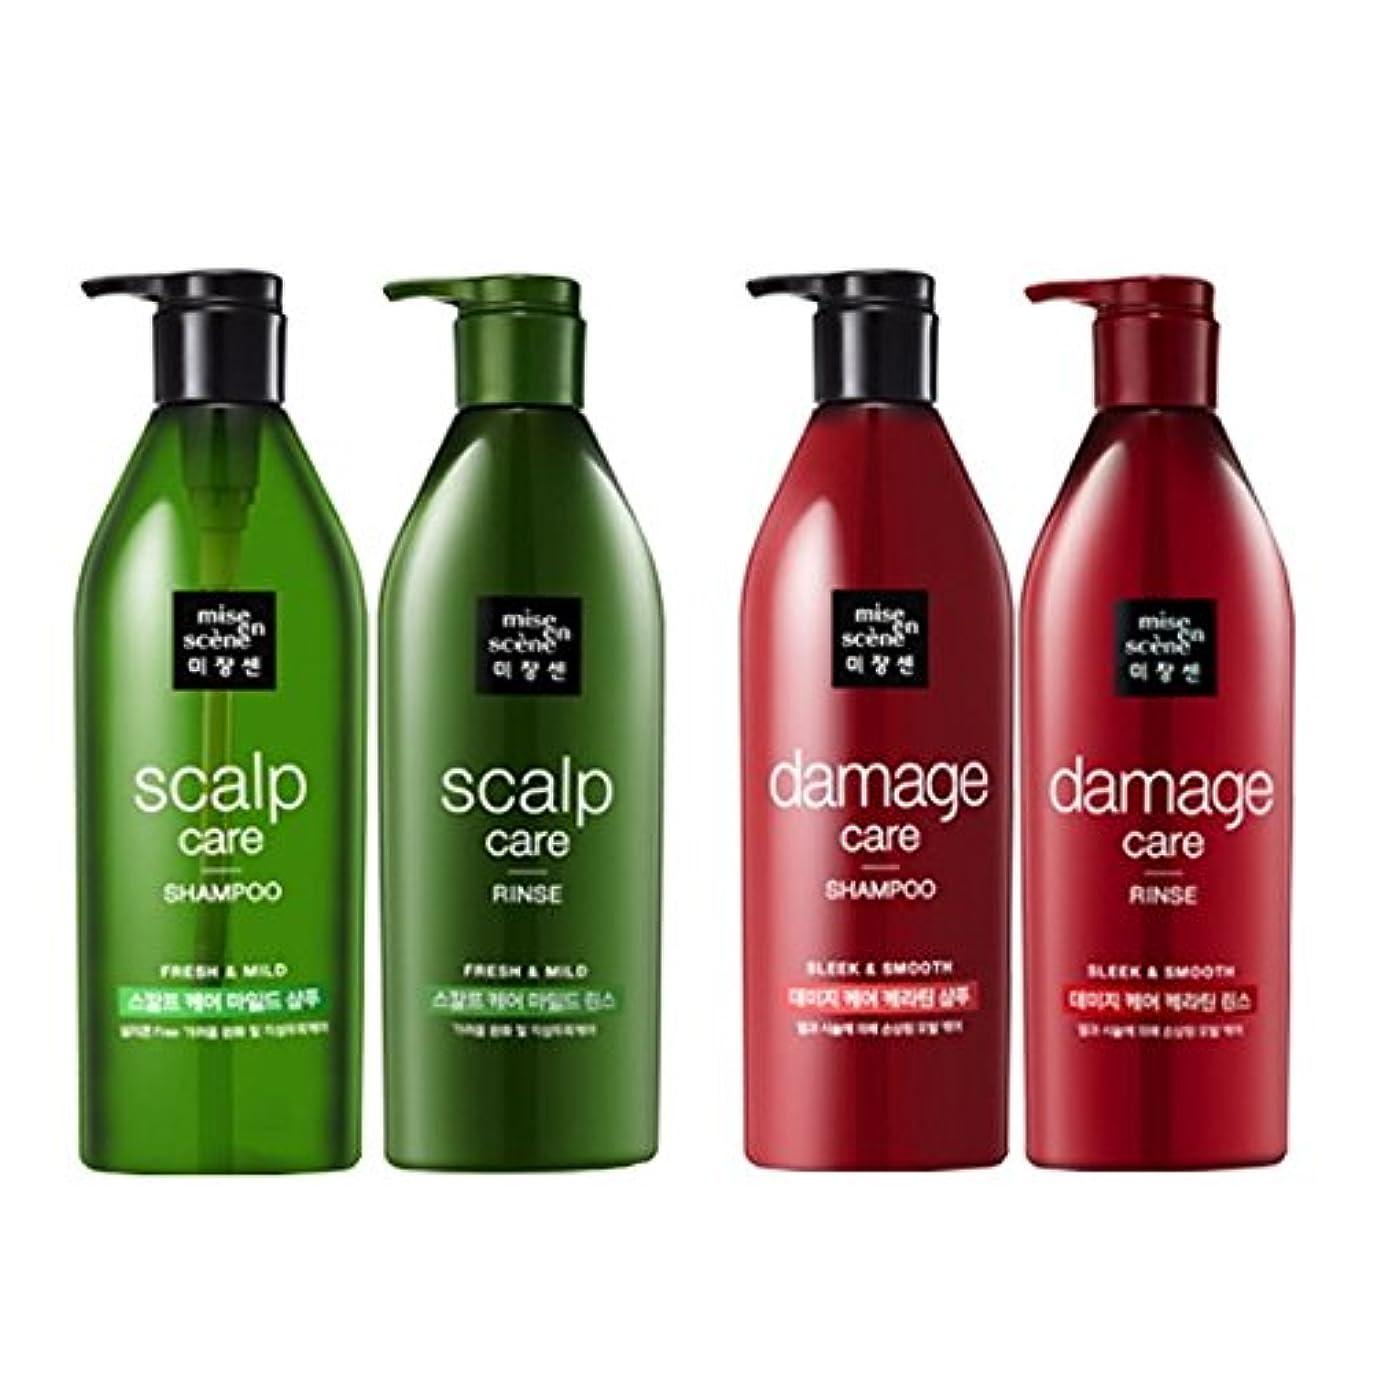 アラブ人寄付する暖かく[ミジャンセ ] Miseen Scene [アモーレパシフィック?ミジャンセン]スカルプケア?シャンプー680ml +リンス680ml [Scalp Care Shampoo Rinse Set] & ダメージケア シャンプー 680ml + リンス680ml [Damage Care Shampoo Rinse Set] [並行輸入品]